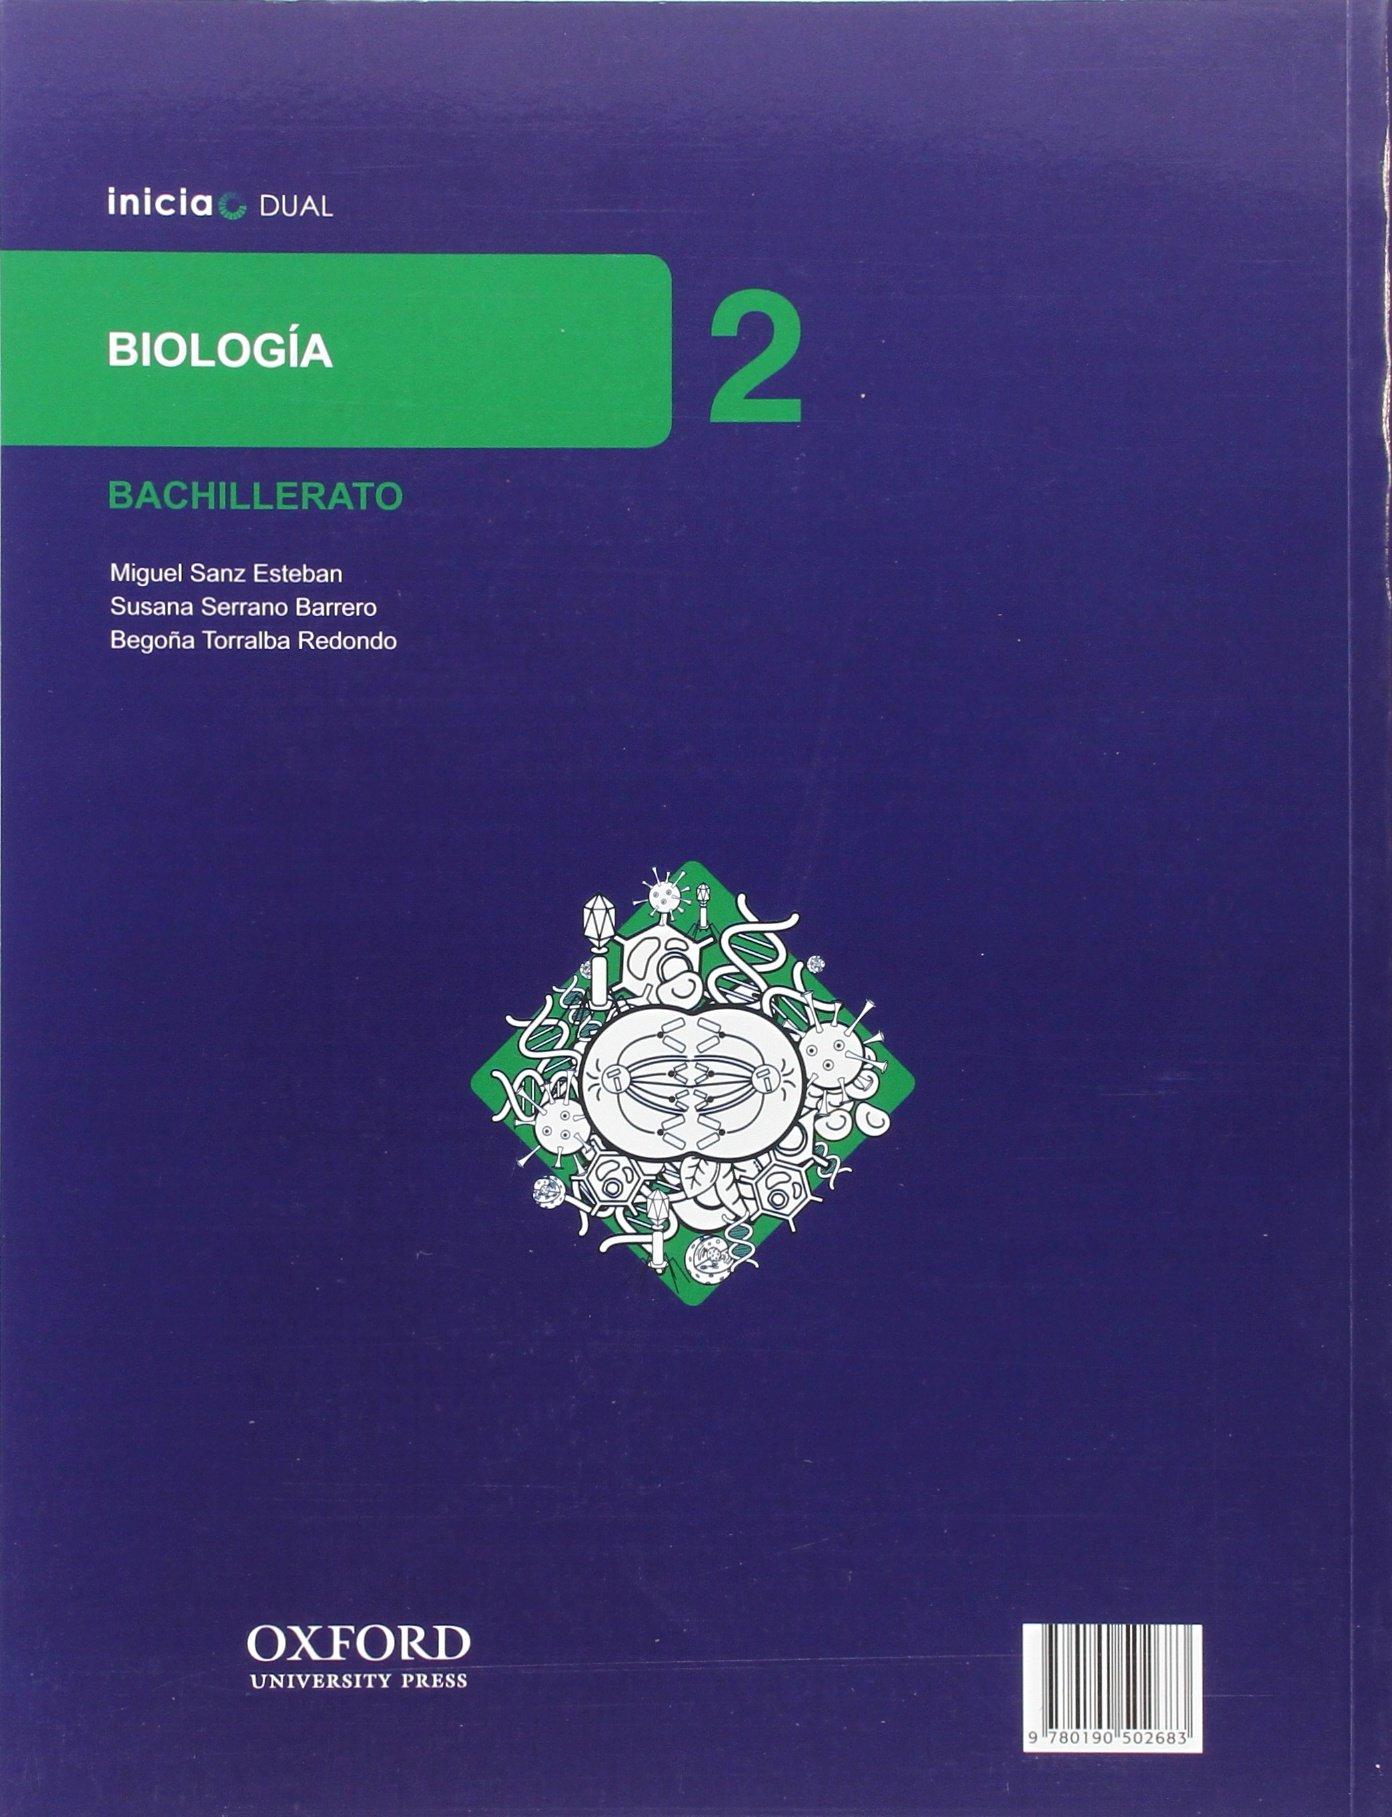 Solucionario Biologia 2 Bachillerato Oxford